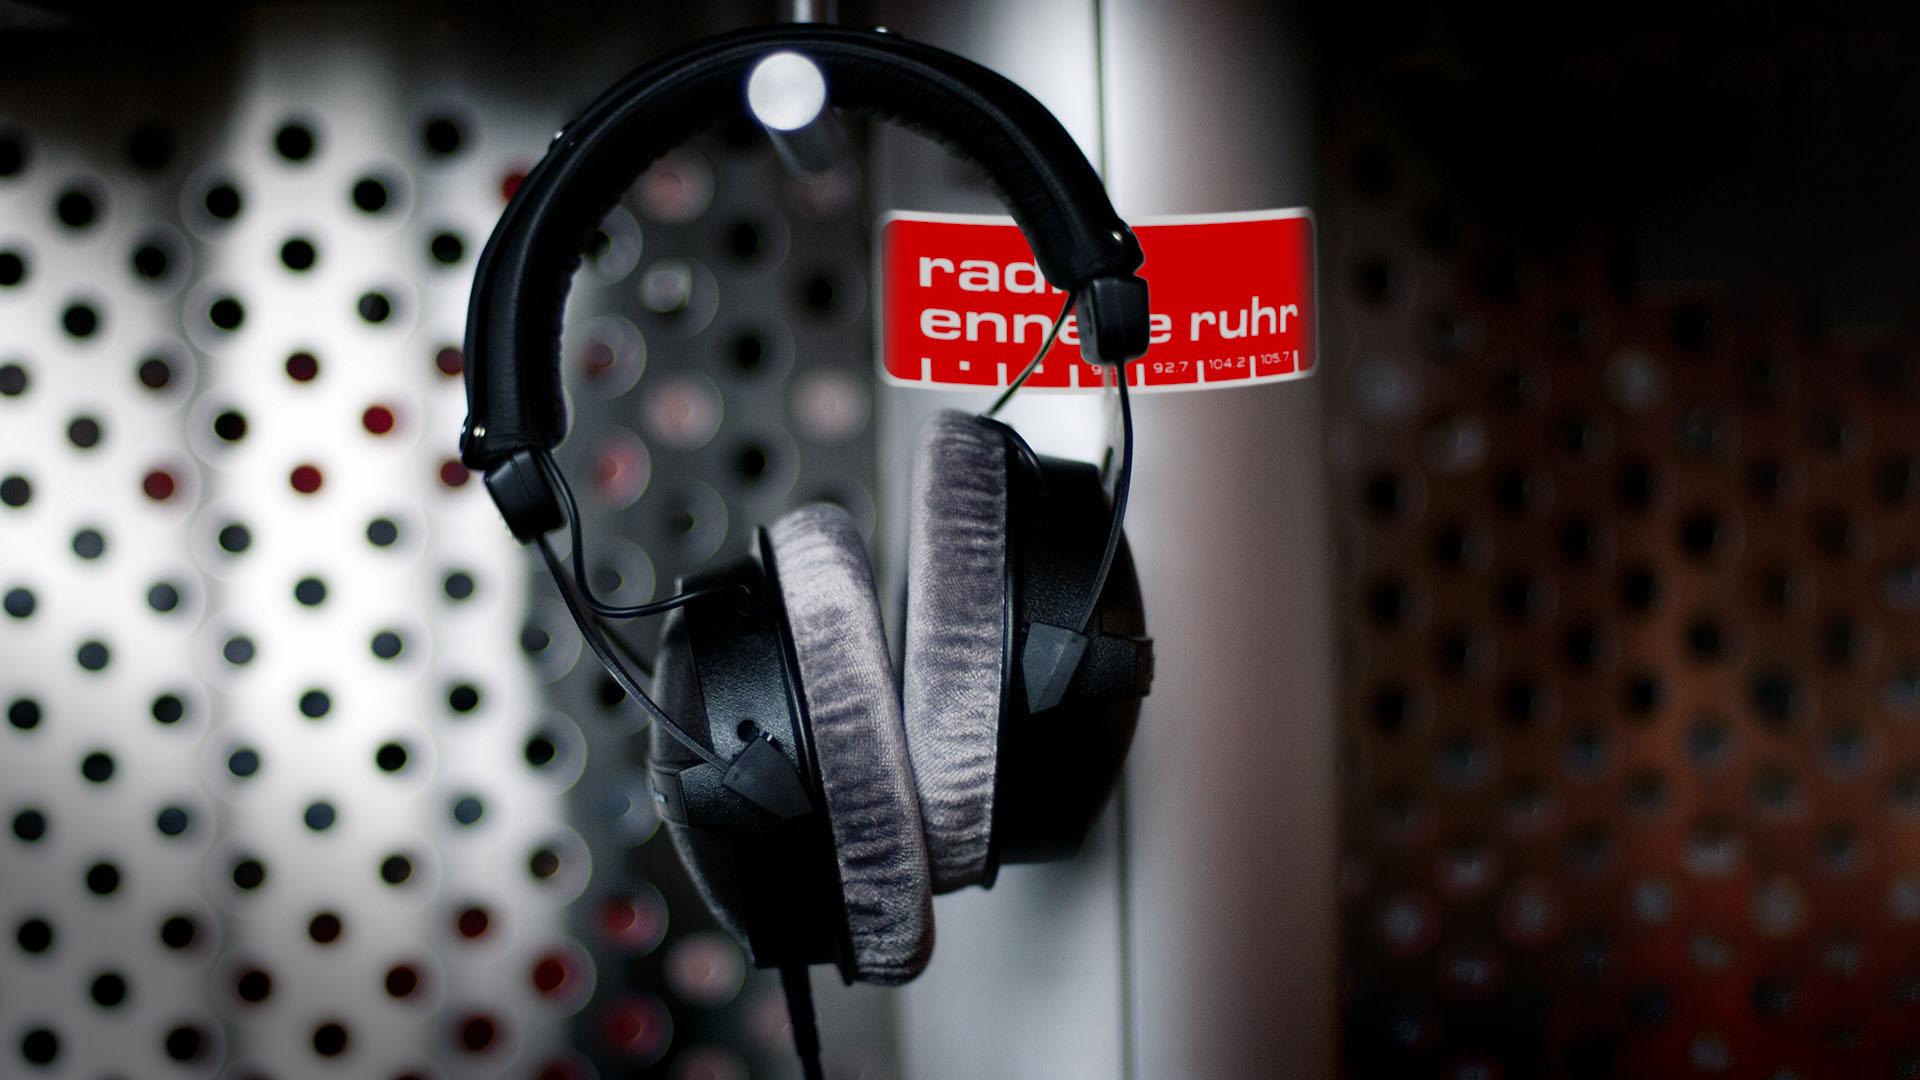 Das Studio in einer Nahaufnahme mit einem Kopfhörer von Radio Ennepe Ruhr.